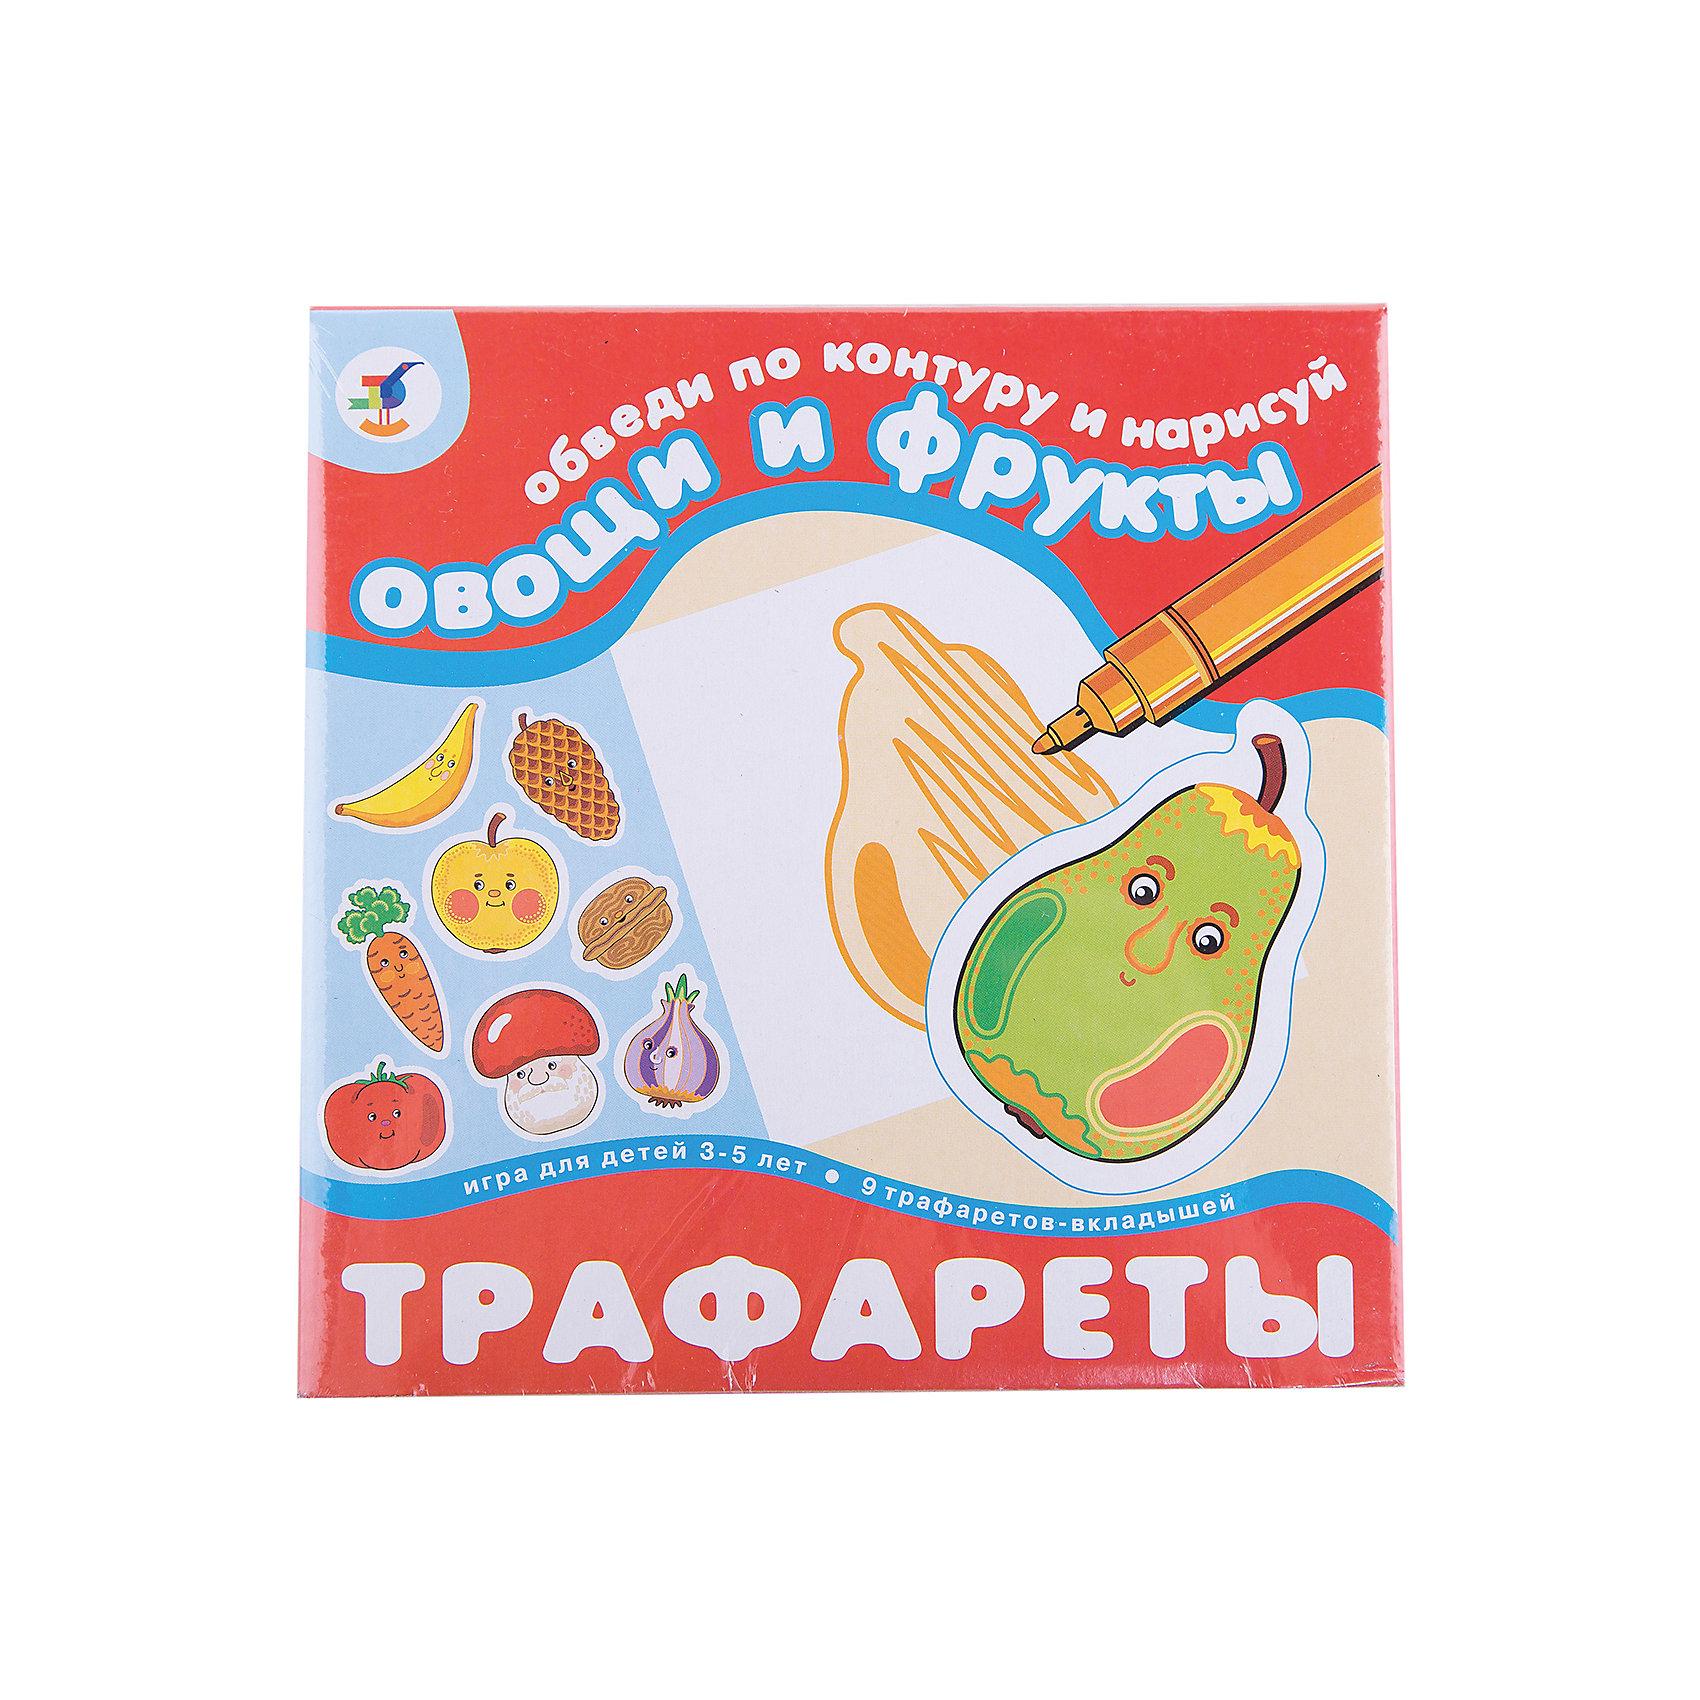 Трафареты Овощи и фрукты, Дрофа-МедиаРазвивающие игры<br>Трафареты помогут вашему ребенку развивать фантазию и интересно проводить время. Малышу нужно обвести фигурку и раскрасить ее, такое занятие развивает у детей моторику рук и воображение.<br>В наборе:8 разных трафаретов овощей и фруктов.<br>Размер трафарета: 11*10,5 см<br><br>Ширина мм: 160<br>Глубина мм: 165<br>Высота мм: 30<br>Вес г: 200<br>Возраст от месяцев: 36<br>Возраст до месяцев: 60<br>Пол: Унисекс<br>Возраст: Детский<br>SKU: 3173880